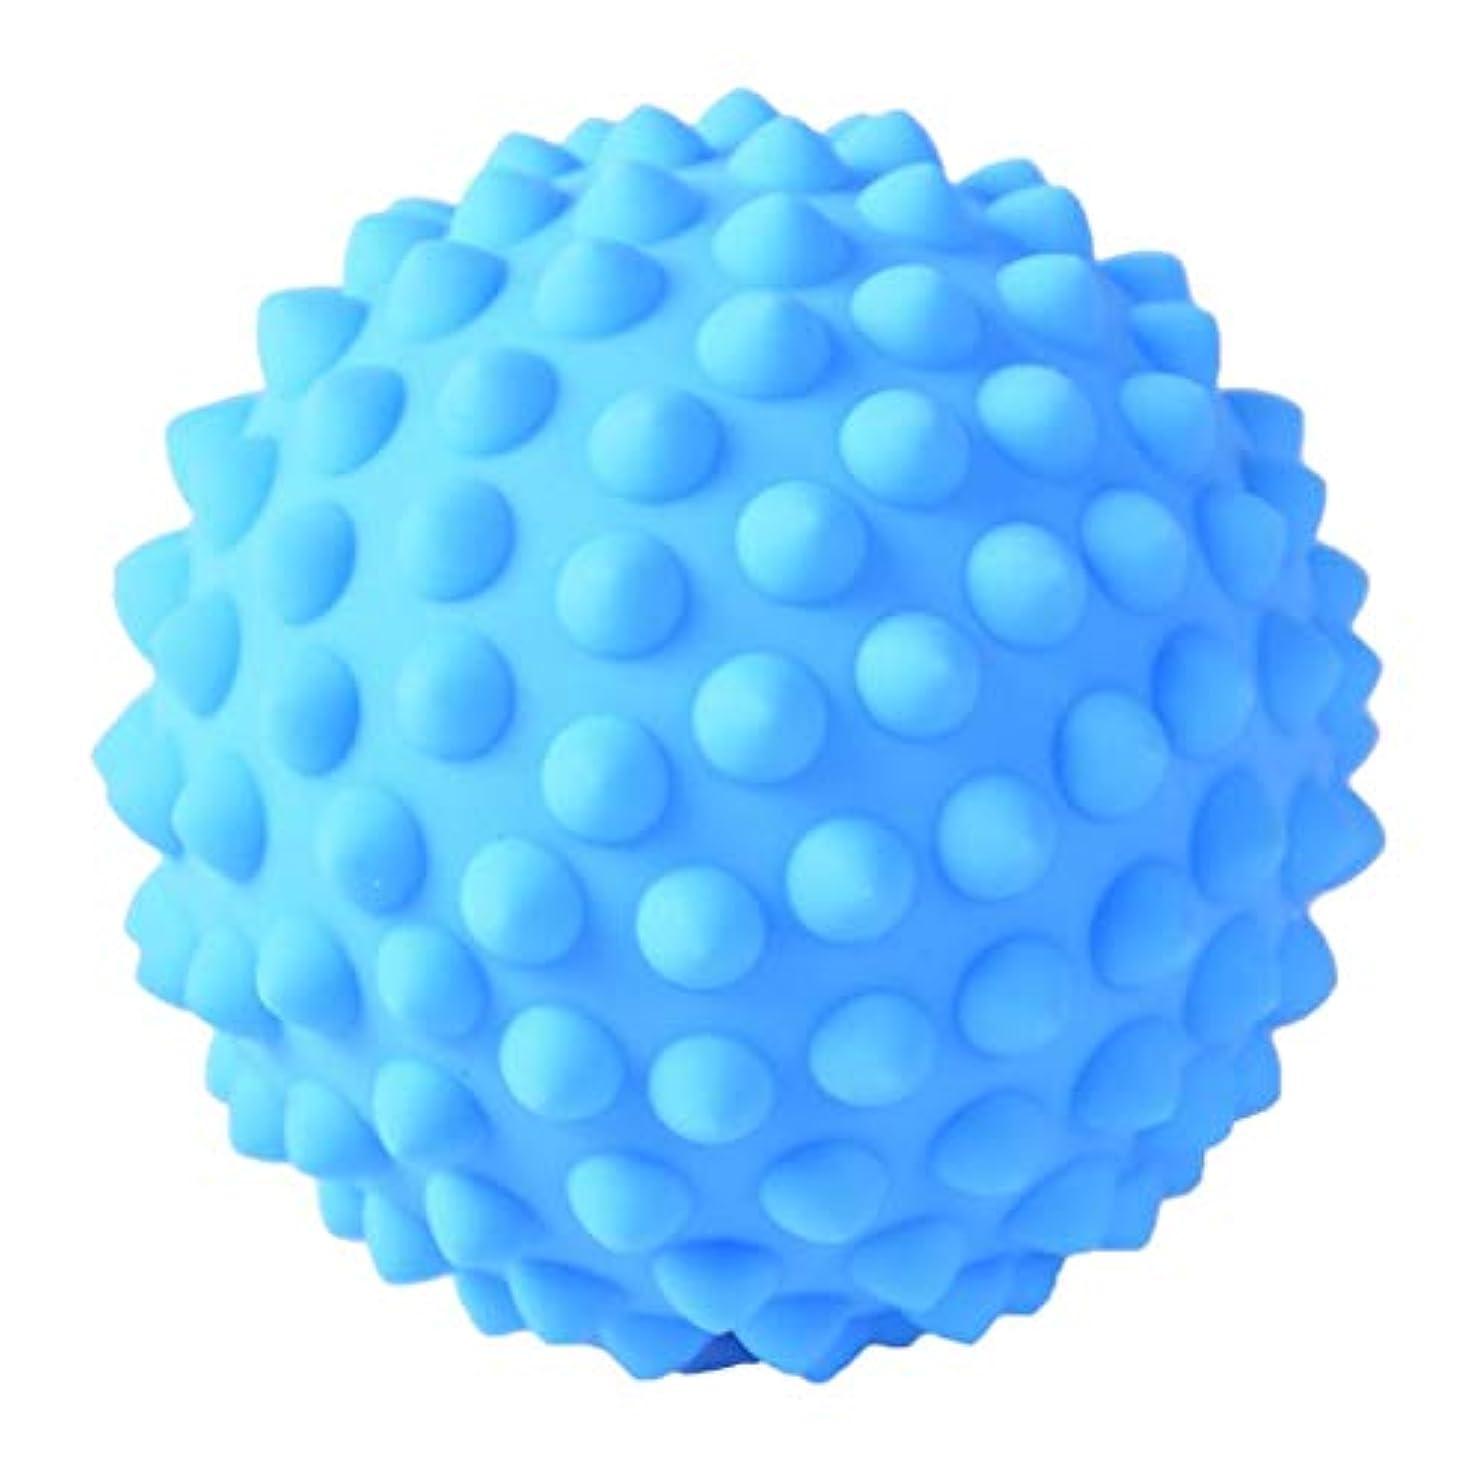 レパートリー改善する無実D DOLITY マッサージボール PVC製 約9 cm 3色選べ - 青, 説明のとおり